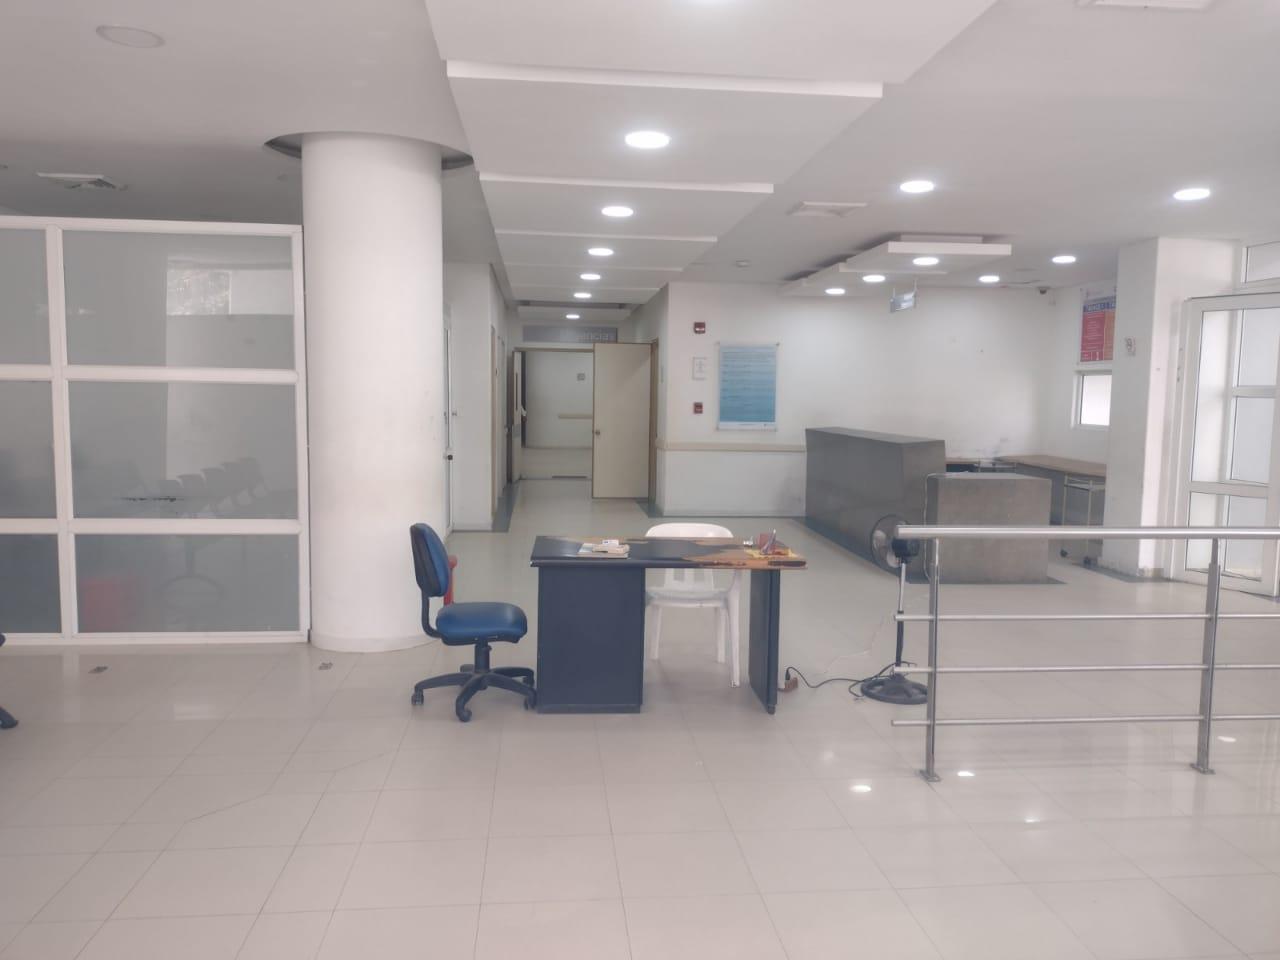 El primer piso de la clínica está prácticamente listo para recibir las camas UCI que entregará el Gobierno.